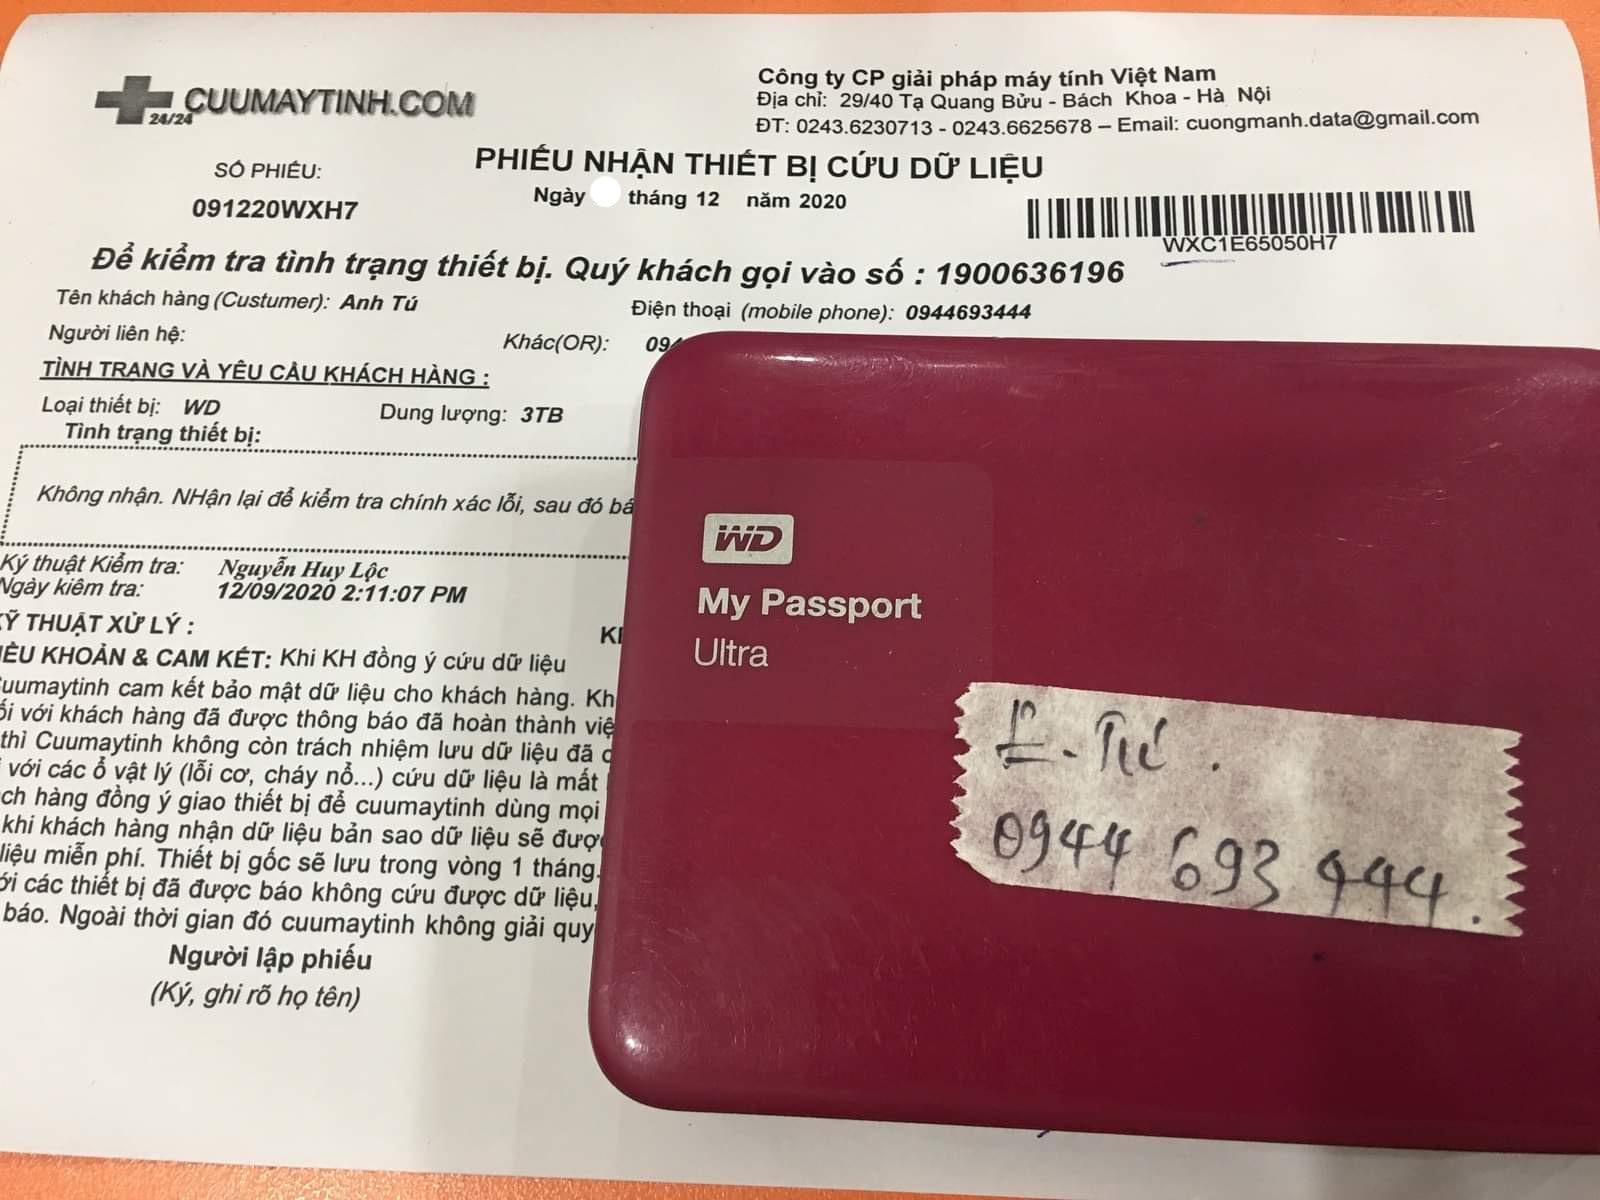 Cứu dữ liệu ổ cứng Western 3TB lỗi đầu đọc - 19/12/2020 - cuumaytinh